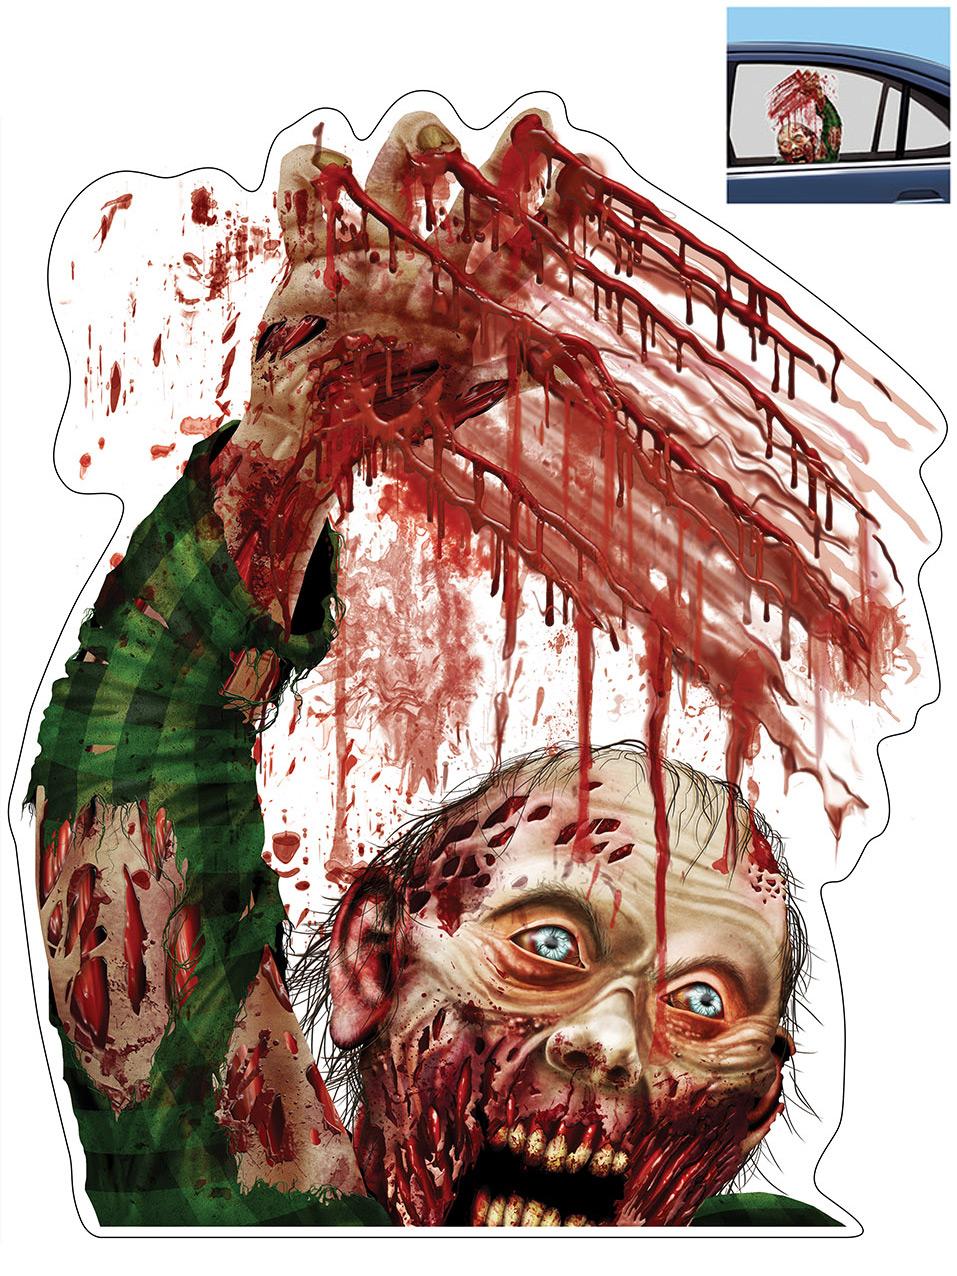 D coration zombie pour fen tre de voiture halloween for Decoration fenetre pour halloween